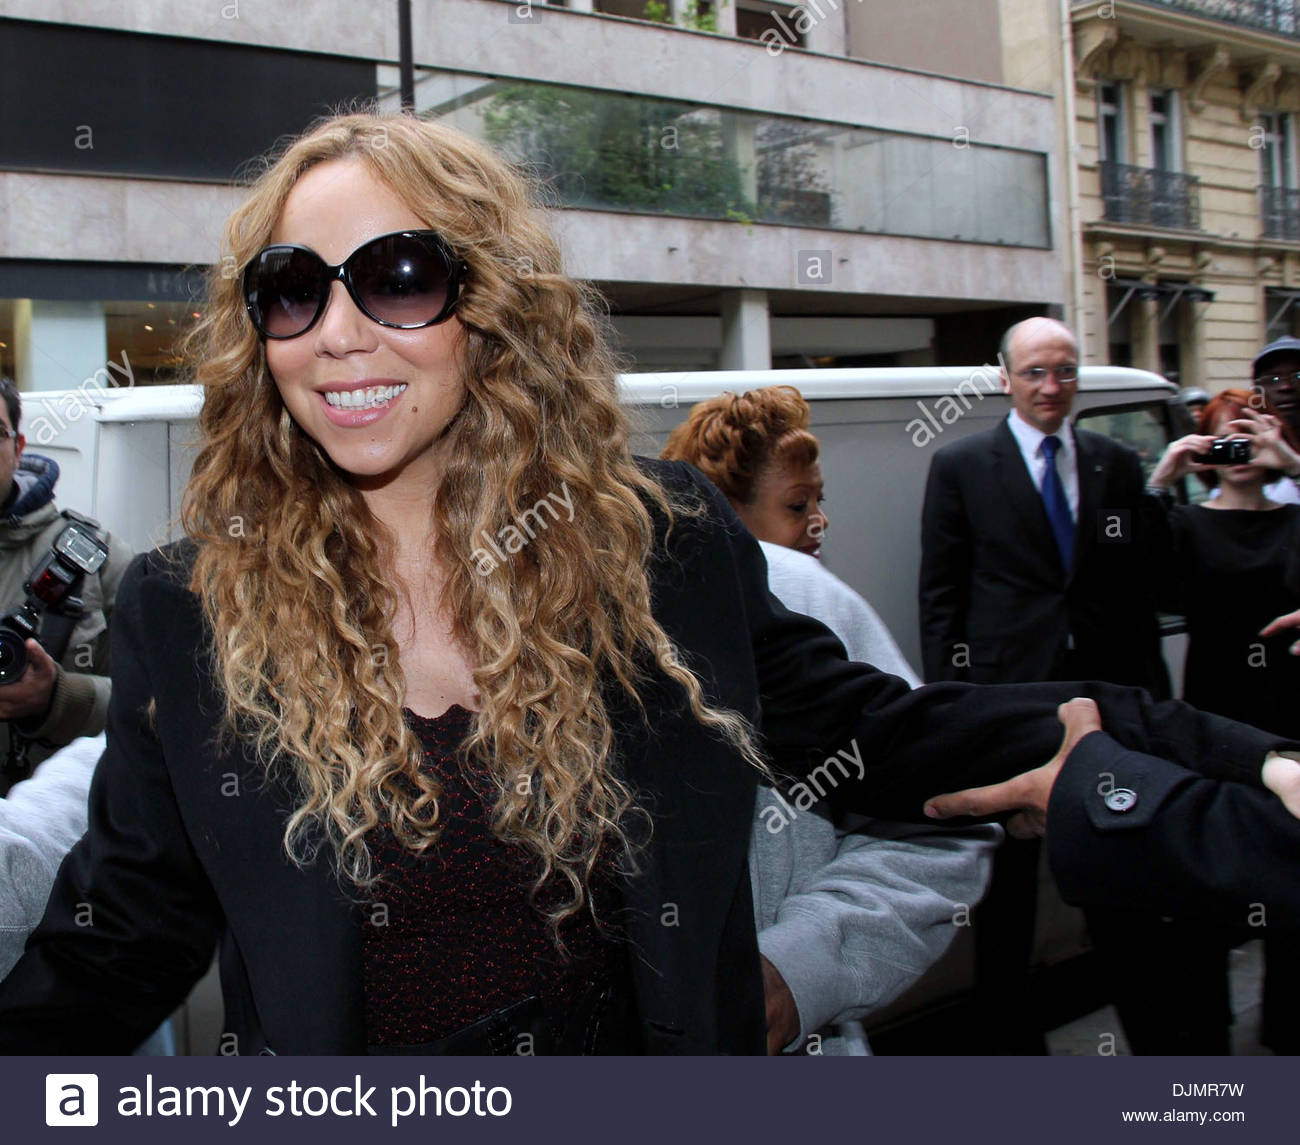 Mariah Carey und Ehemann Nick Cannon-Promi-paar feiern ihren vierten Jahrestag der Ehe Paris Frankreich - 27.04.12 Stockfoto